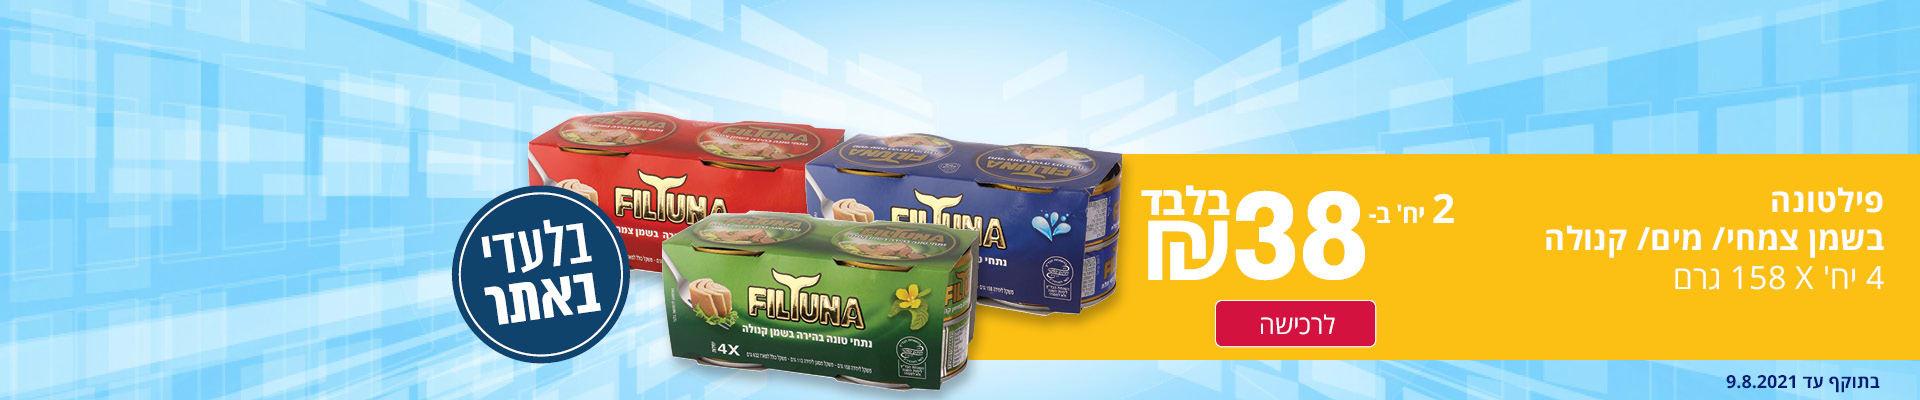 פילטונה בשמן צימחי/מים/קנולה 4 יח' 158 גרם 2 יח' ב- 38 ₪ בלבד לרכישה בתוקף עד 9.8.2021